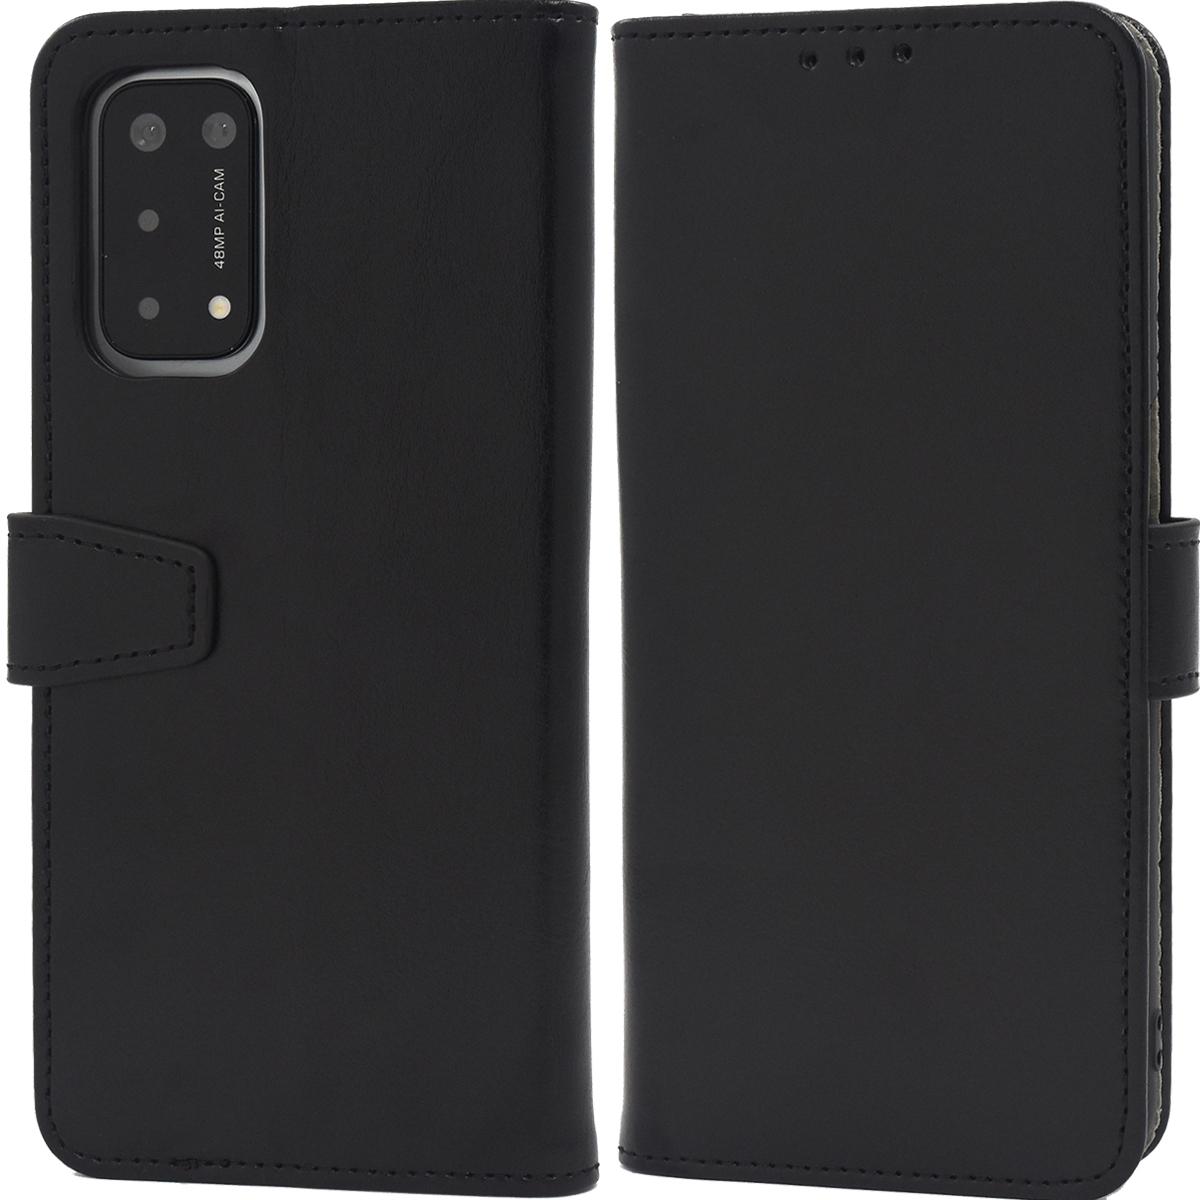 黒■OPPO A54 5G (OPG02) 専用 手帳型 ケース■スマホ 保護 カバー シンプル 無地 カードポケット au UQモバイル SIMフリー オッポA54 5G_画像1